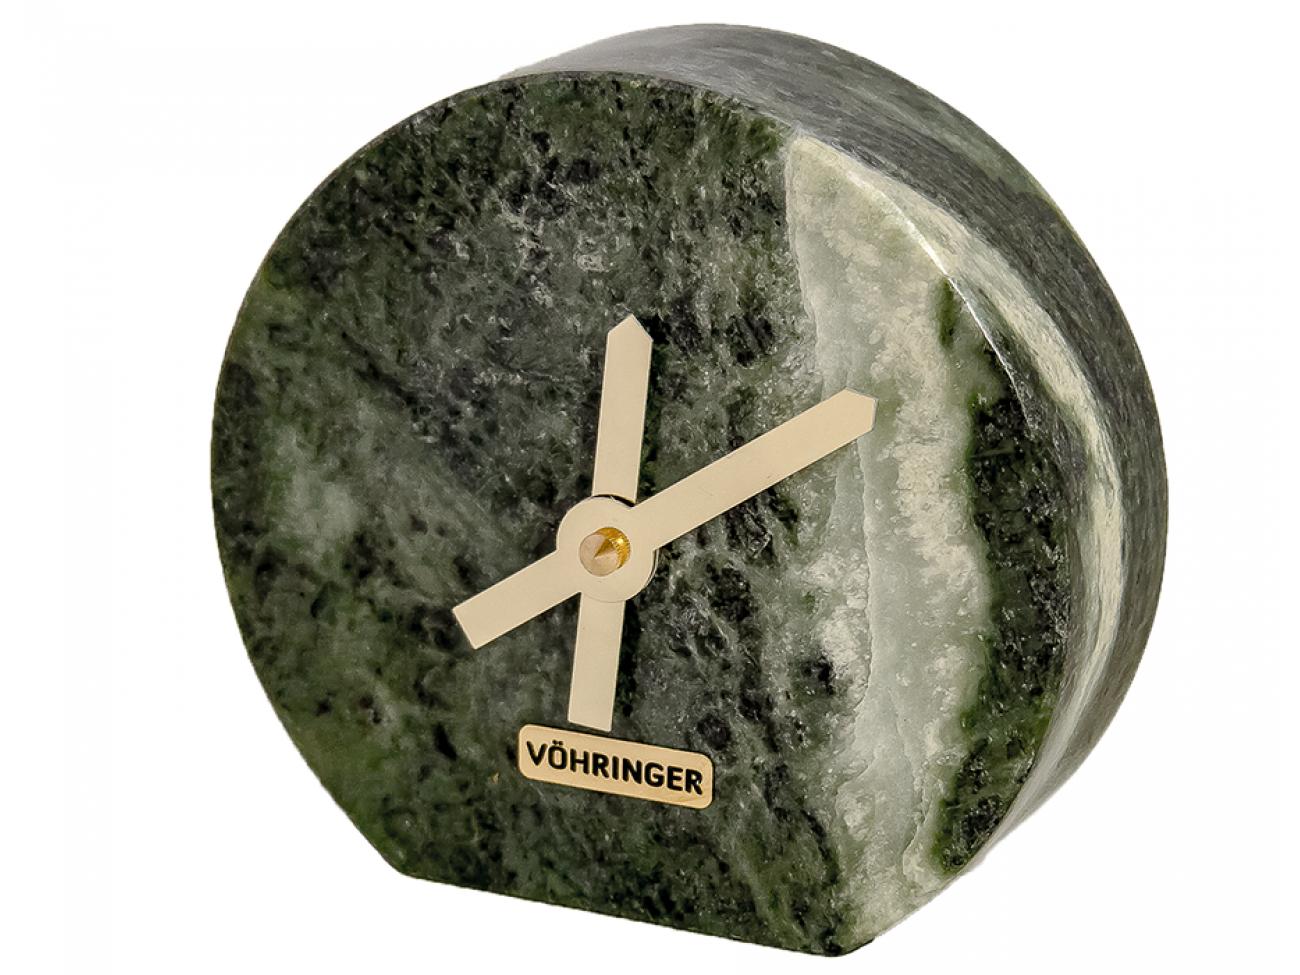 Интерьерные настольные часы Vöhringer Минима